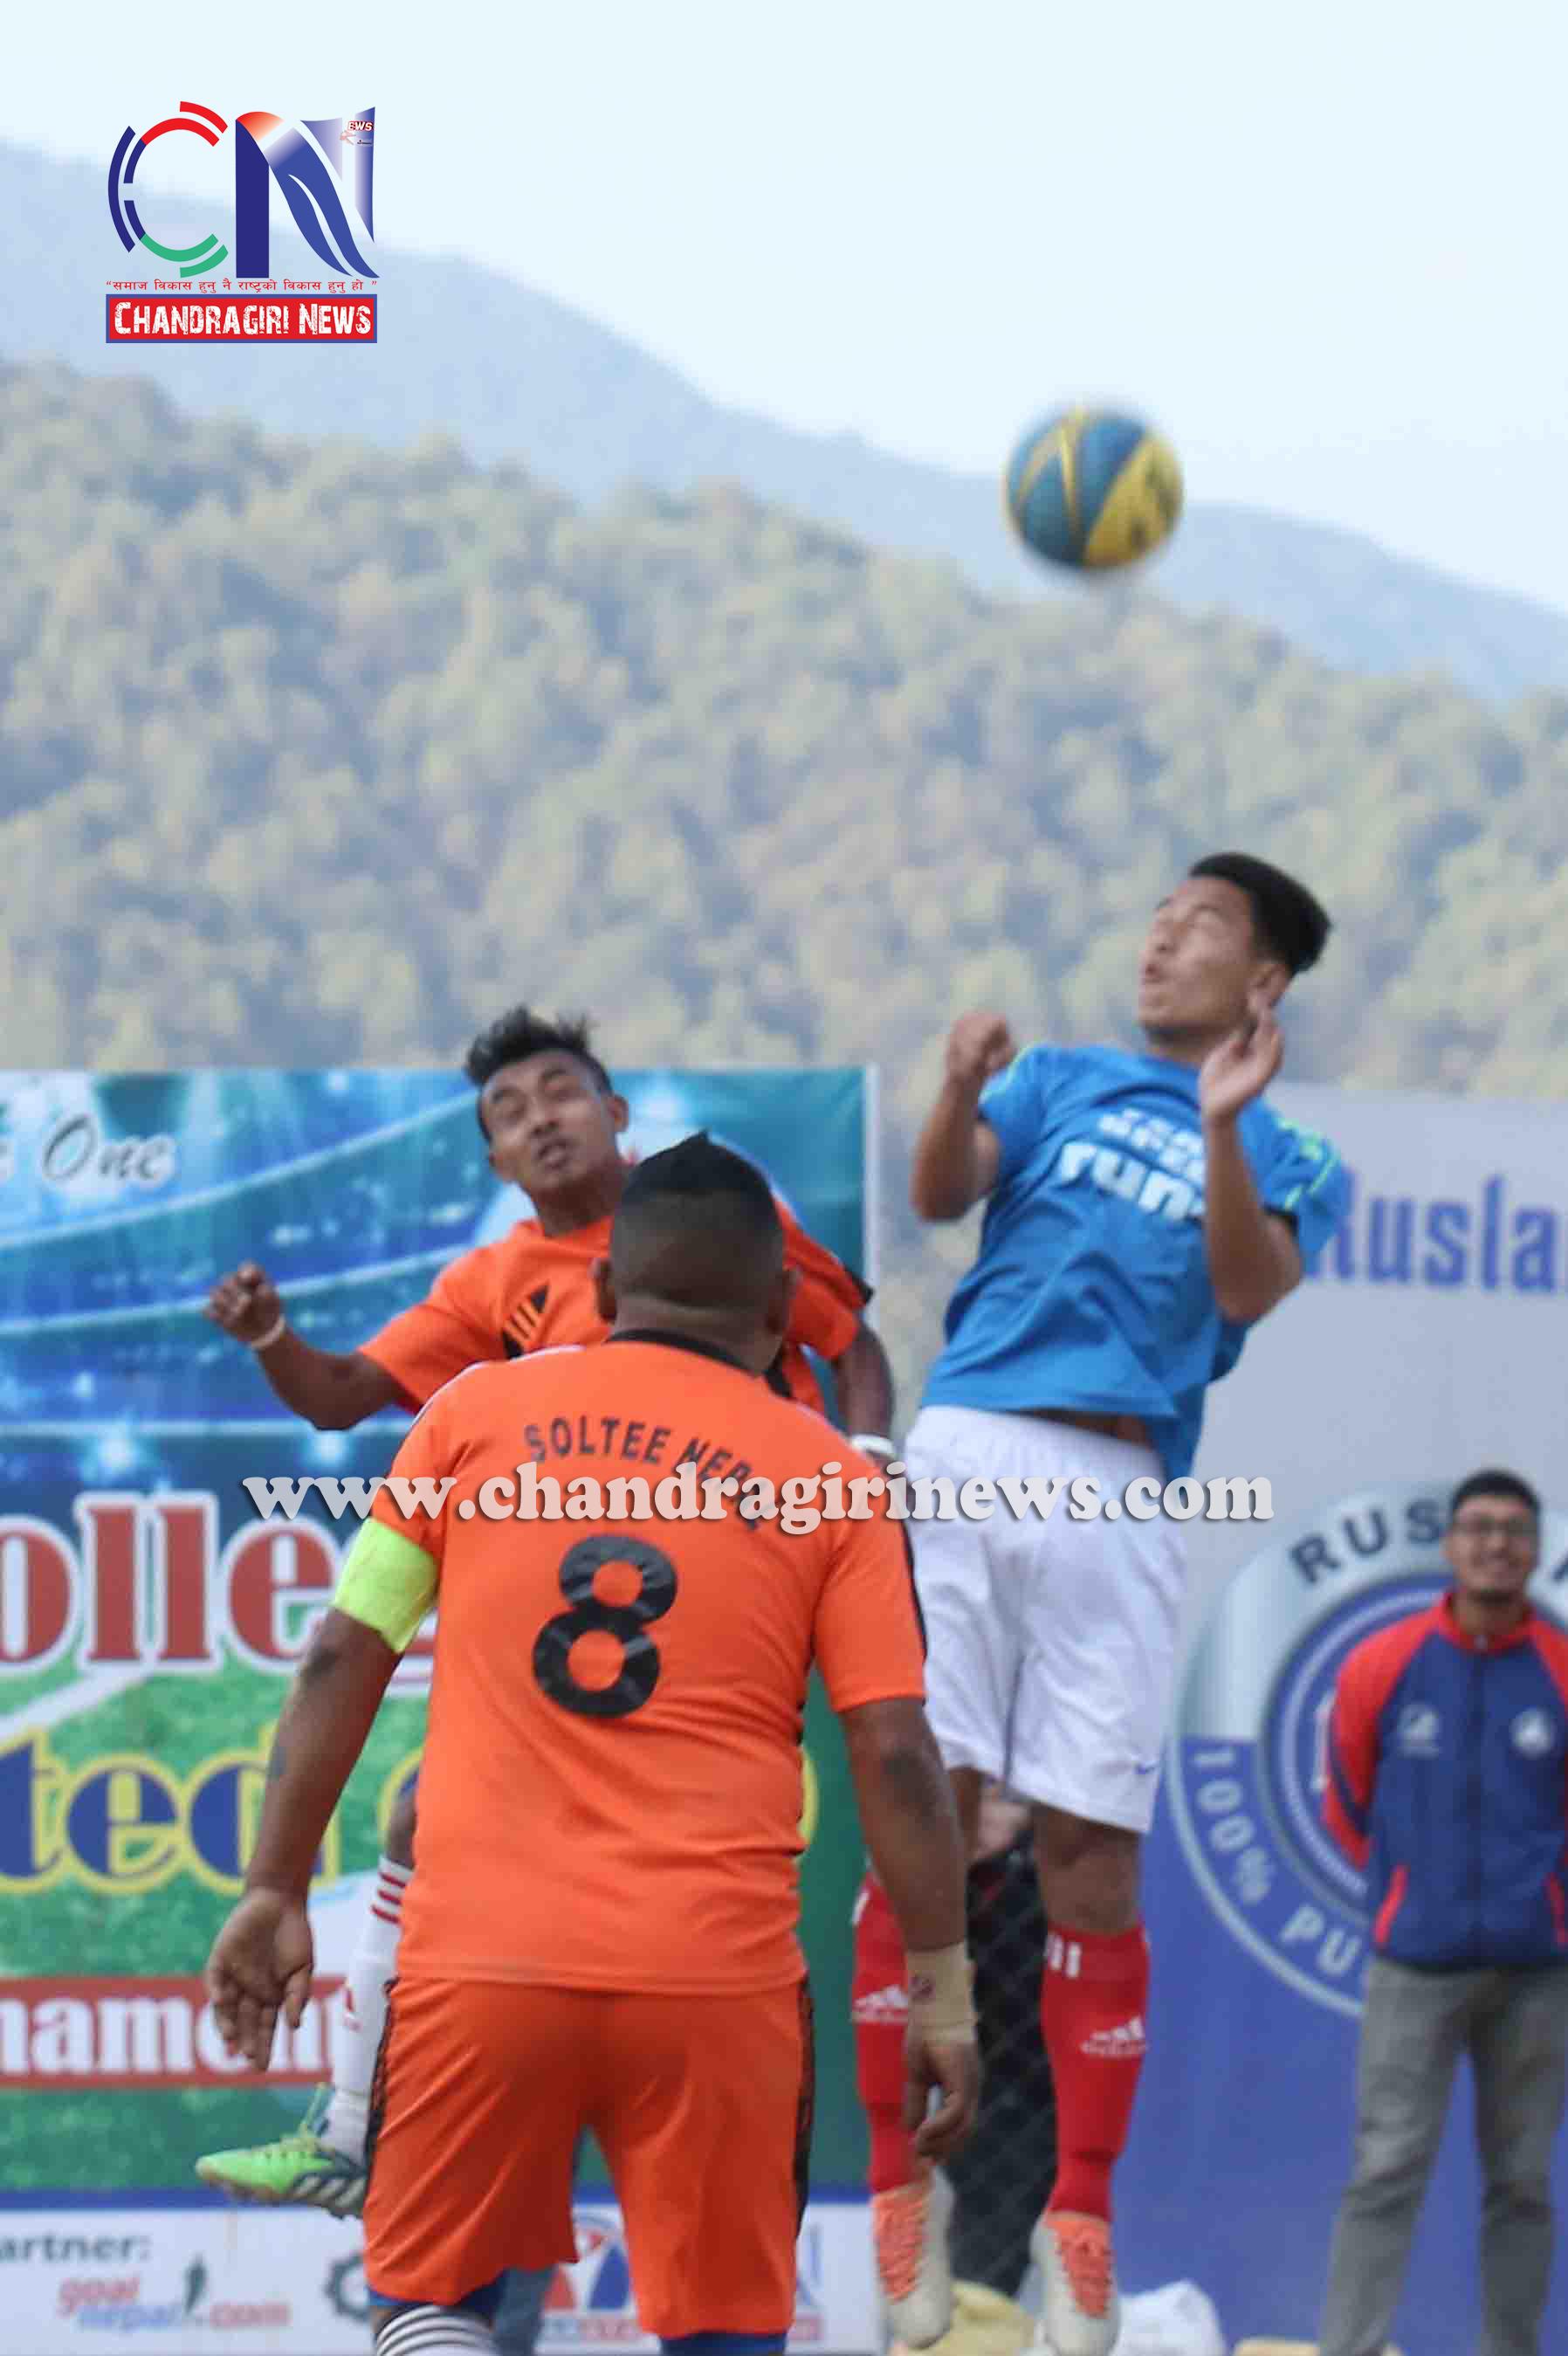 Chandragirinews western-united-final-4 नेपालय वइस्टर्न यूनाइटेड फुटबलको उपाधि टिम स्पिड न्यूरोडलाई खेलकुद ब्रेकिंग न्युज मुख्य    chandragiri